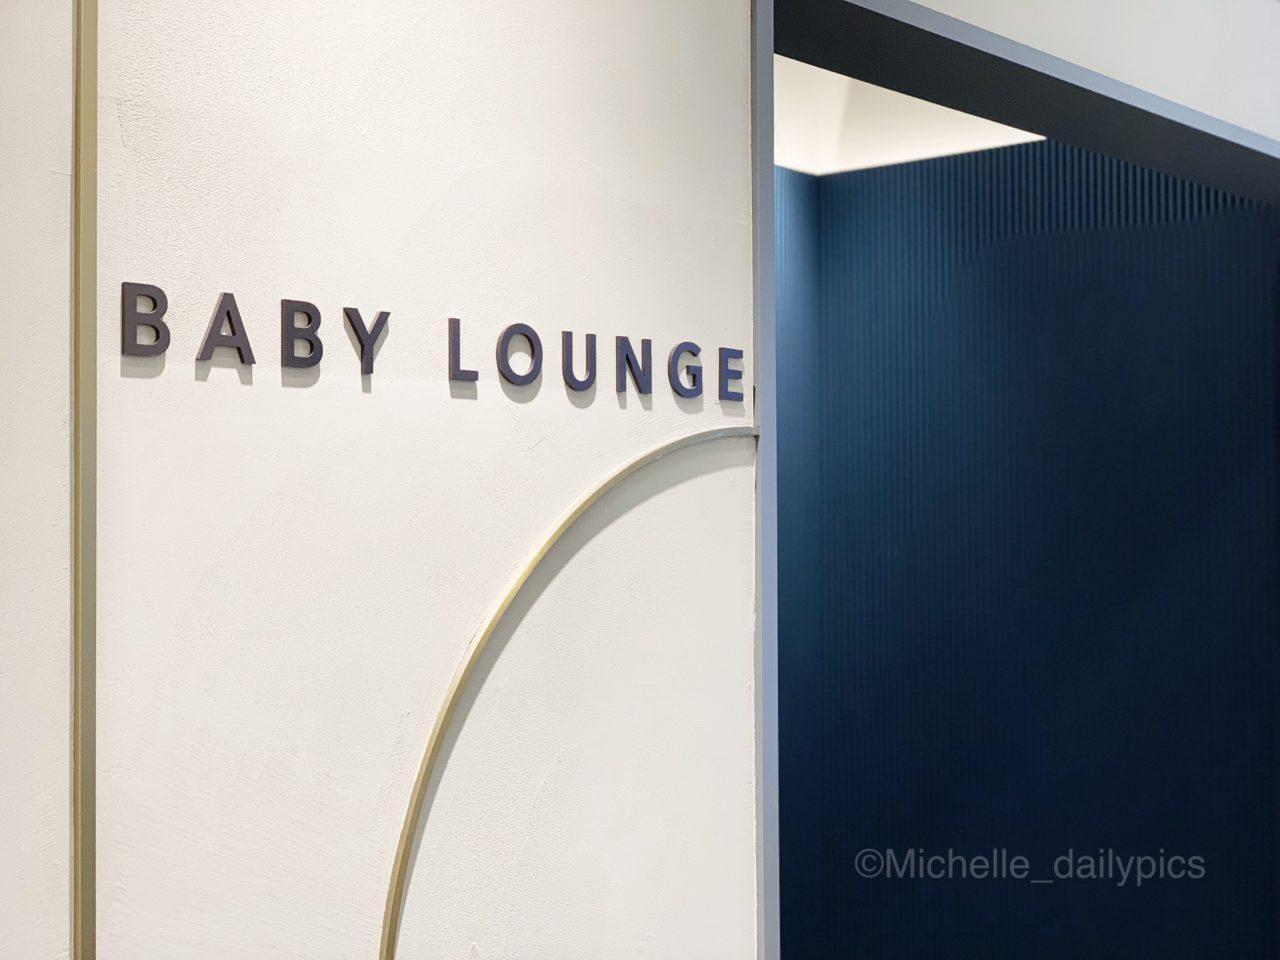 ef507c6e cb5f 4888 8abf b72be886877f - 子供と行く海外 - 韓国ソウルが赤ちゃんと一緒に楽しめる理由